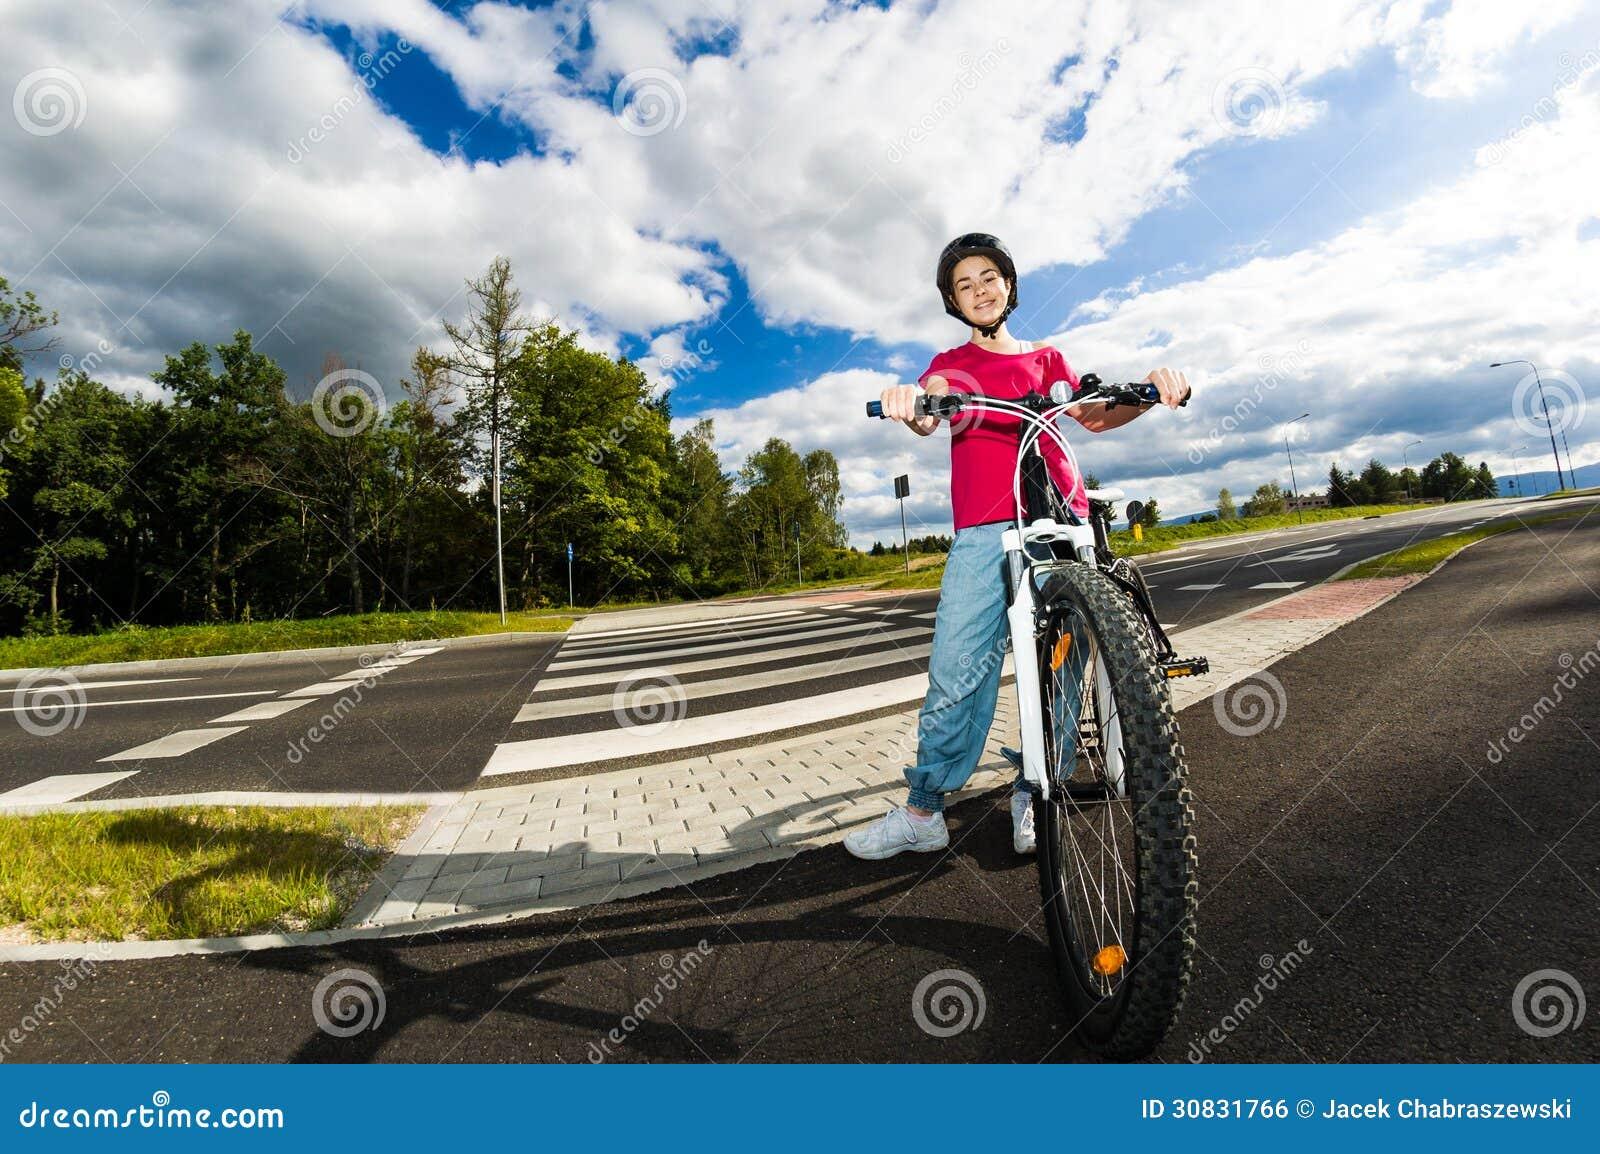 Stile di vita sano - ciclismo della ragazza